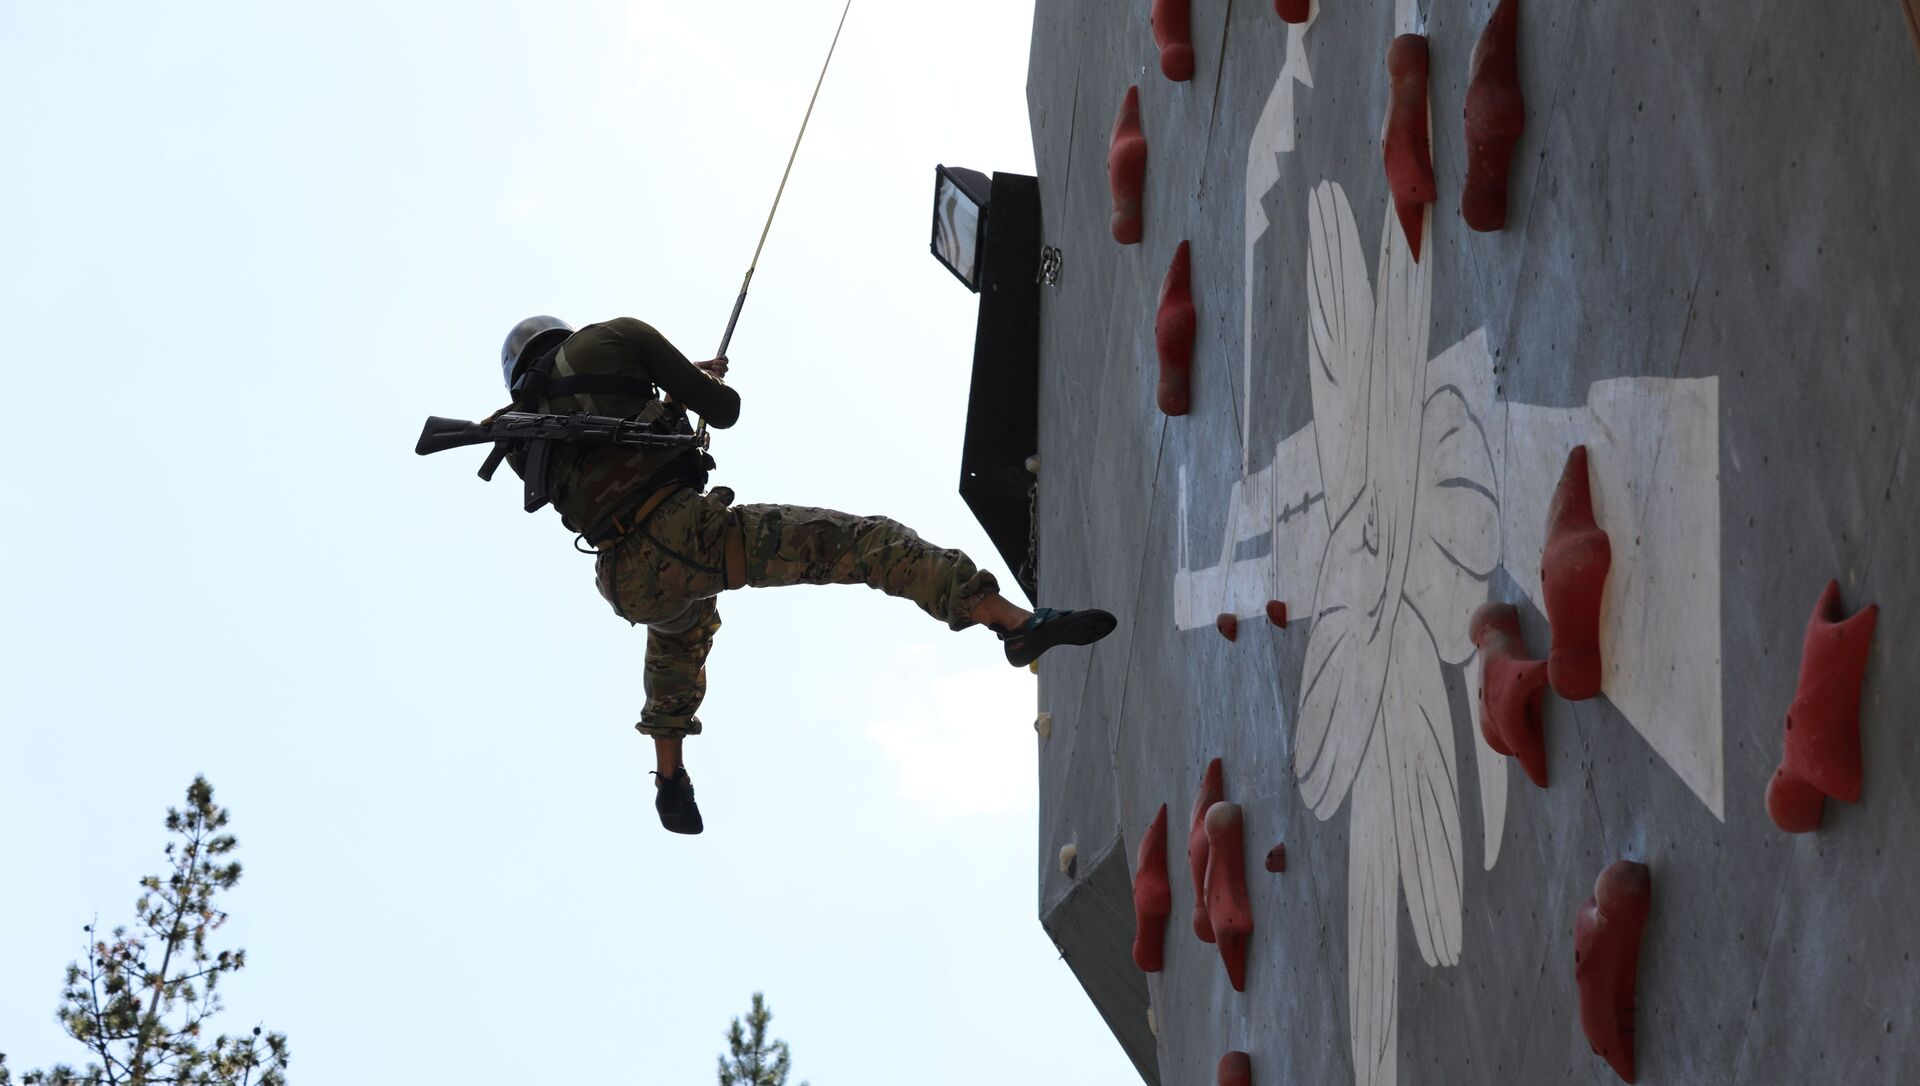 Высокогорные подразделения соревновались в индивидуальном лазании на «Эльбрусском кольце» в Кабардино-Балкарии - Sputnik Аҧсны, 1920, 25.08.2021